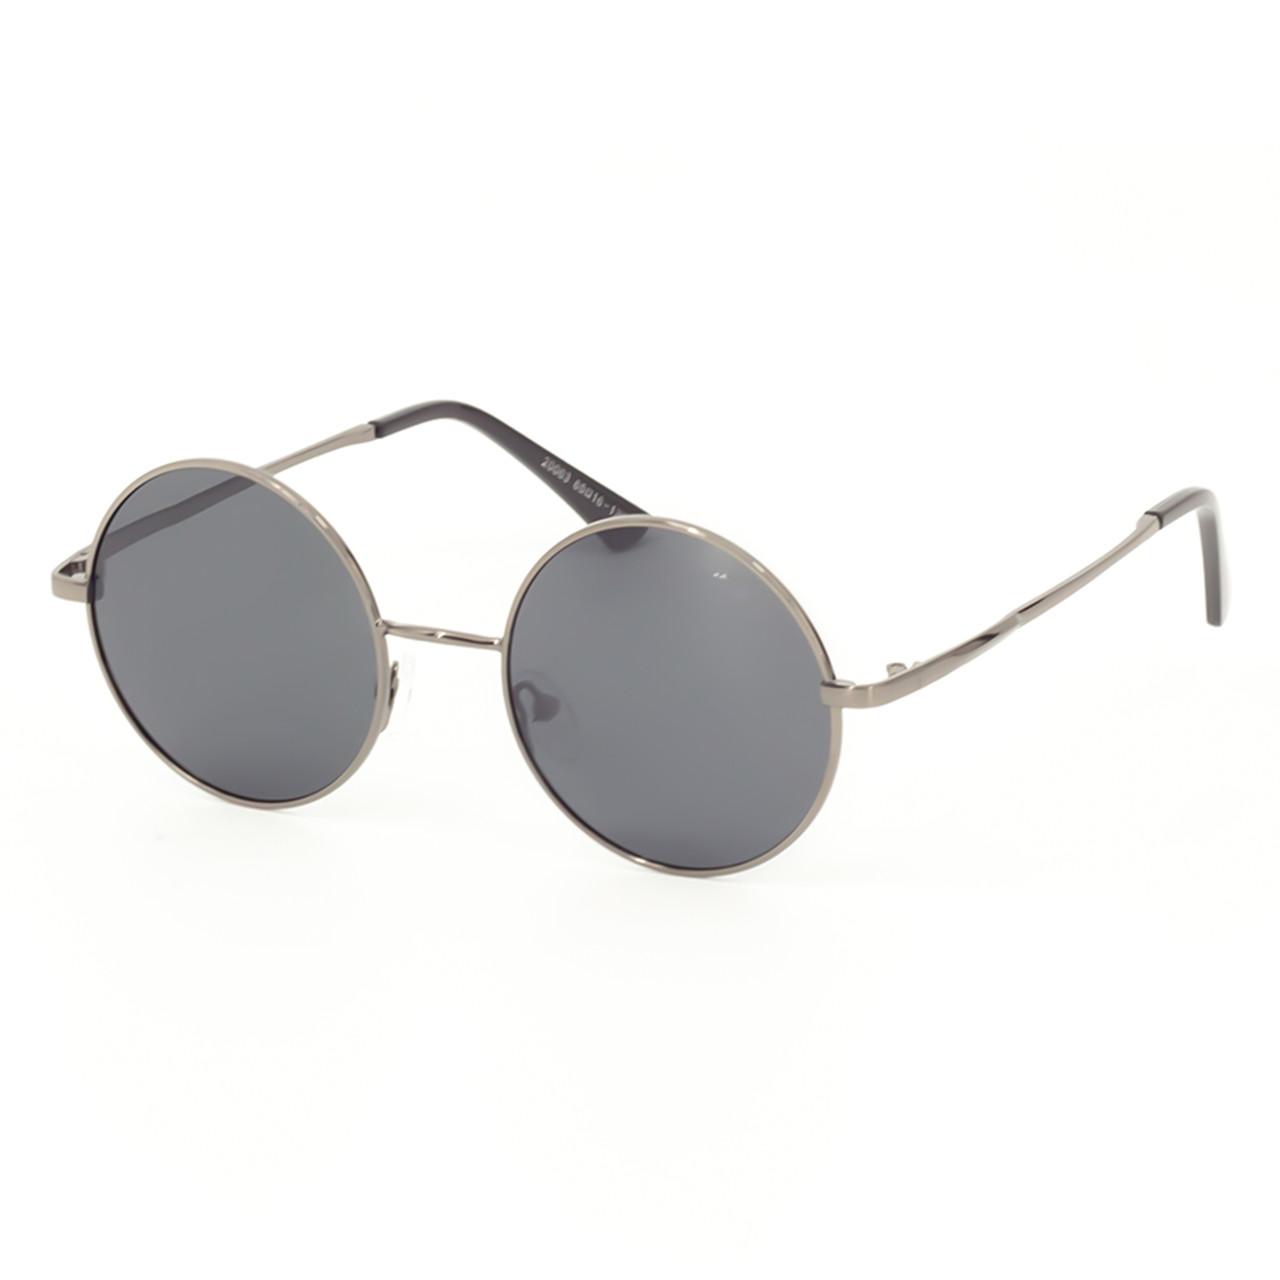 Солнцезащитные очки Marmilen Polar 20063 C2 серый в металле   ( BA20063-02 )